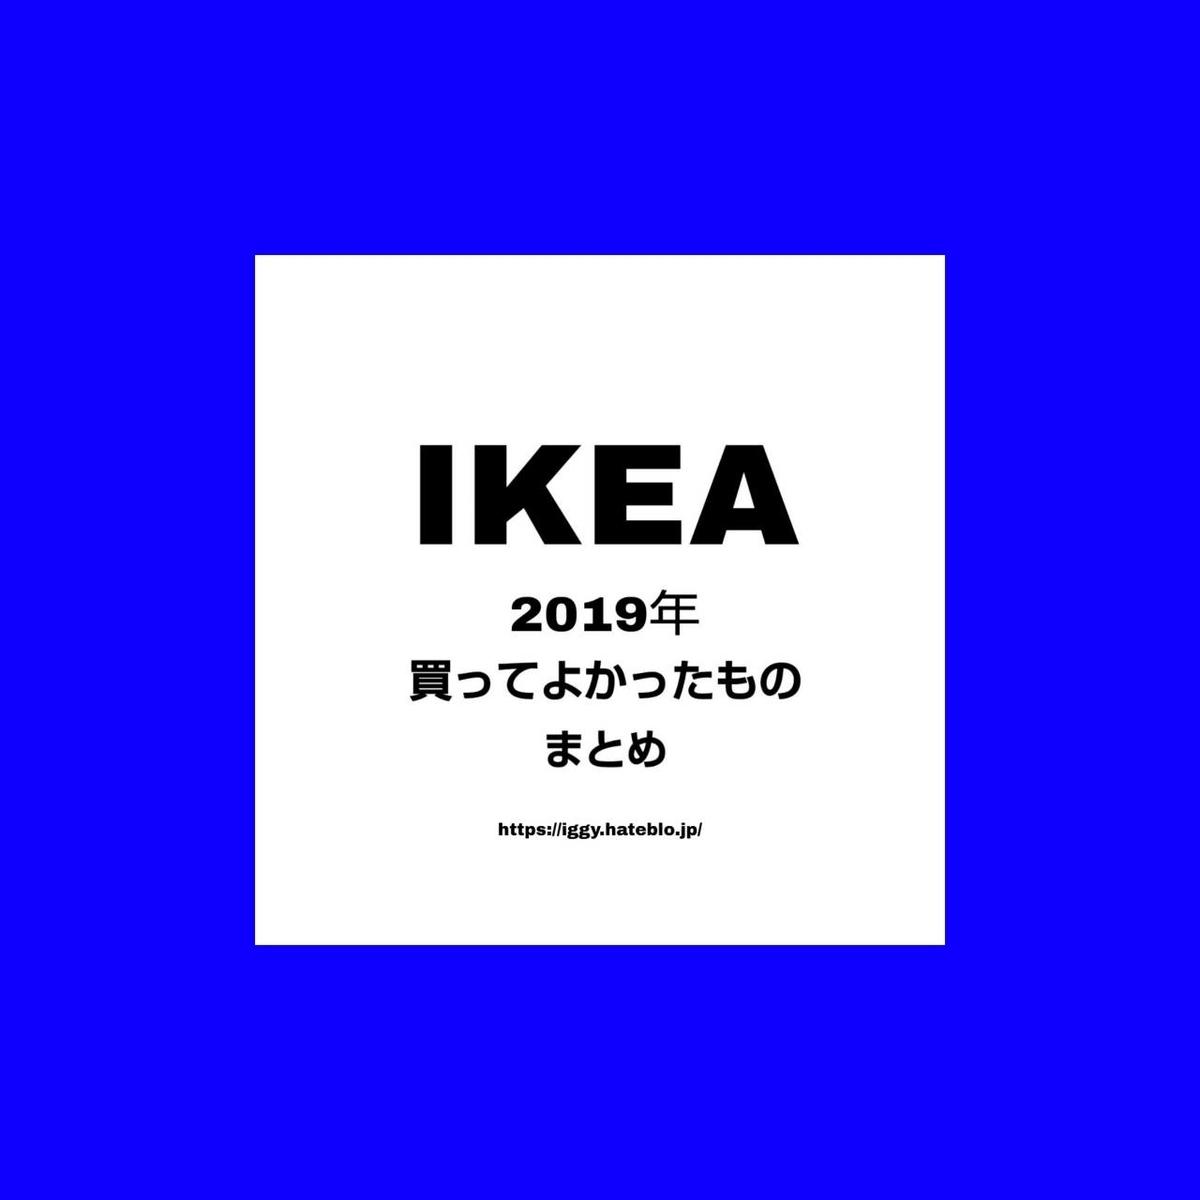 2019年買ってよかったIKEAの商品まとめ iggy2019